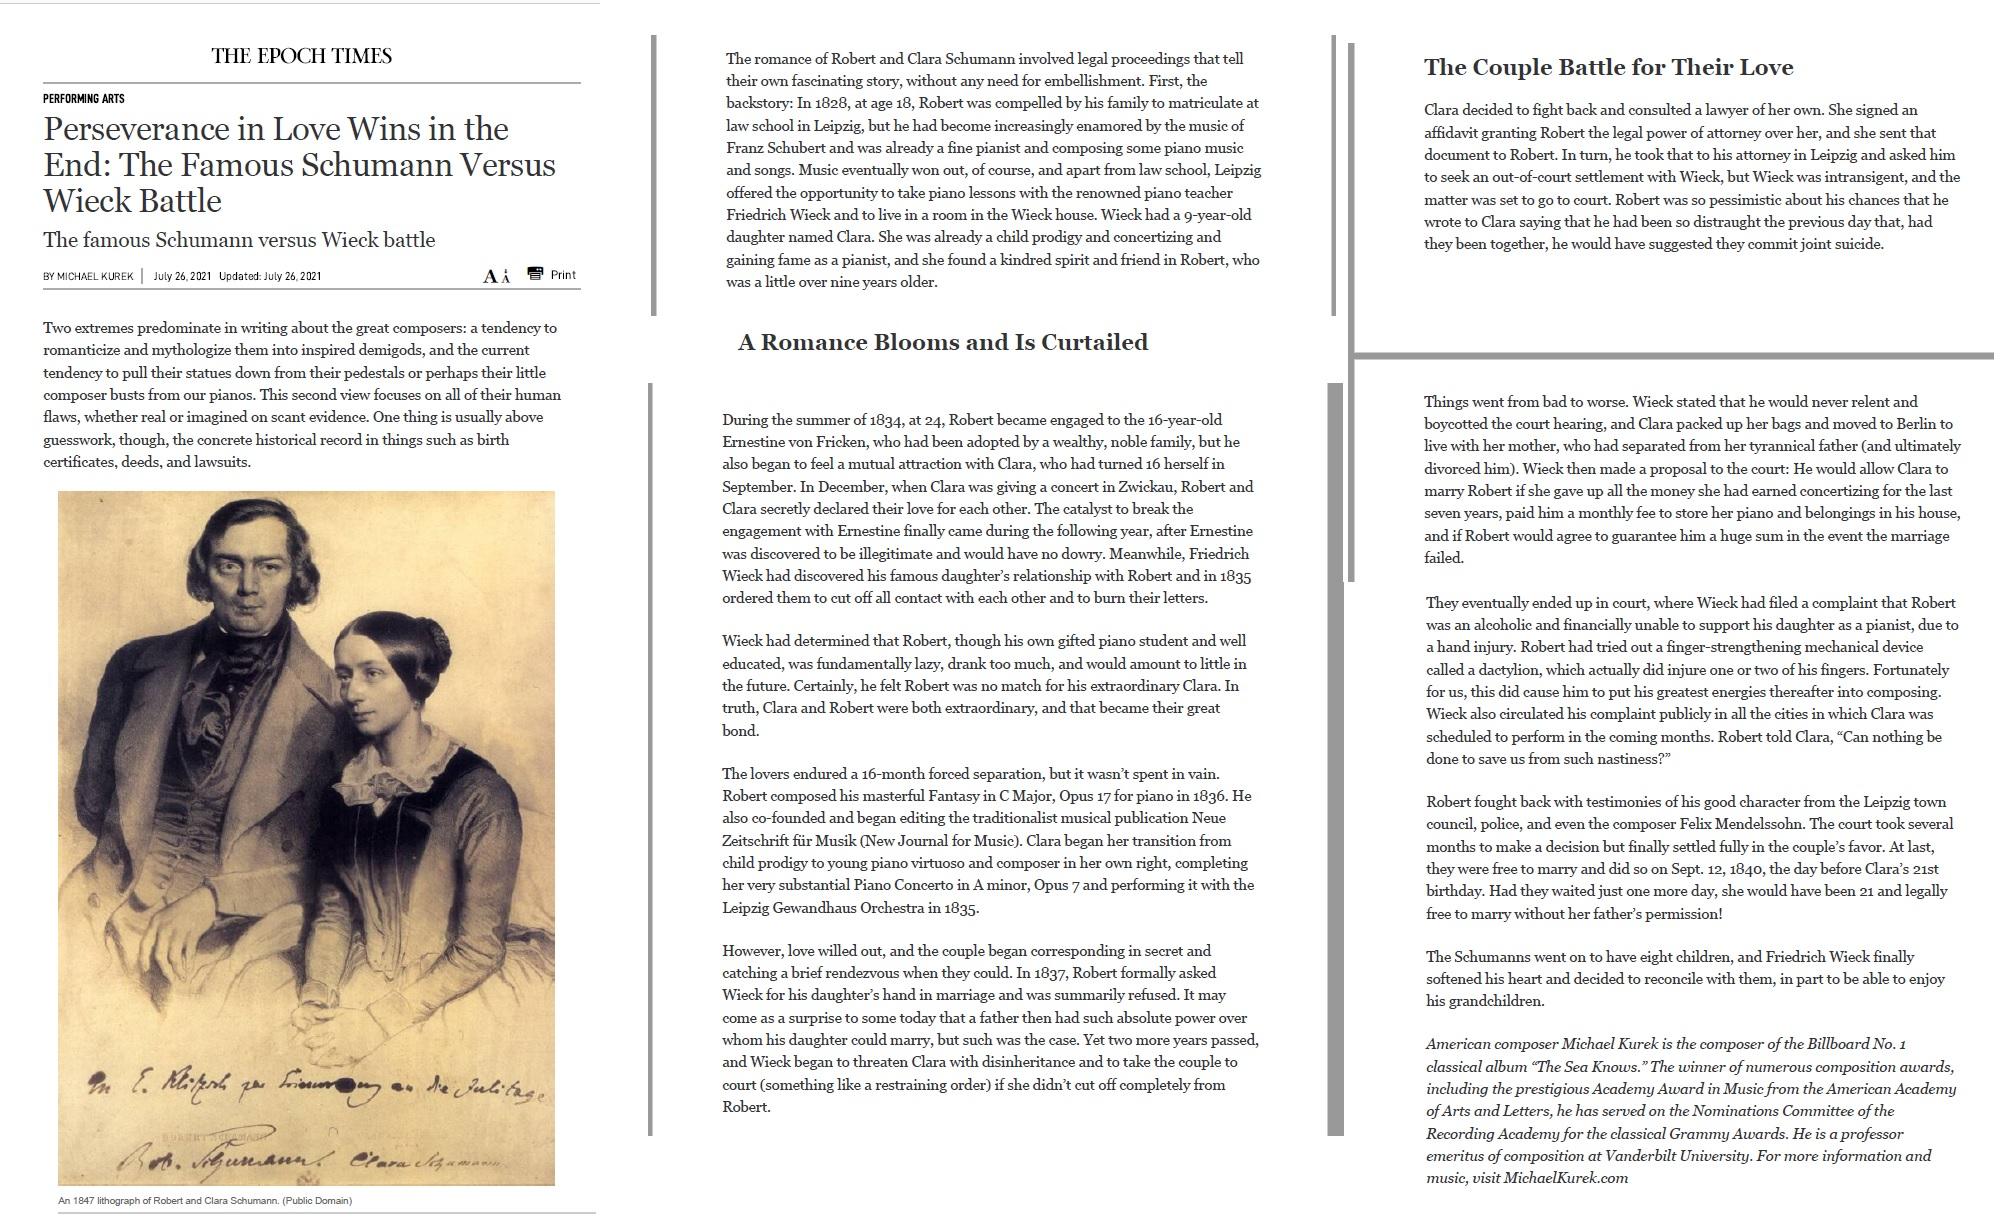 Schumann Epoch Times Article